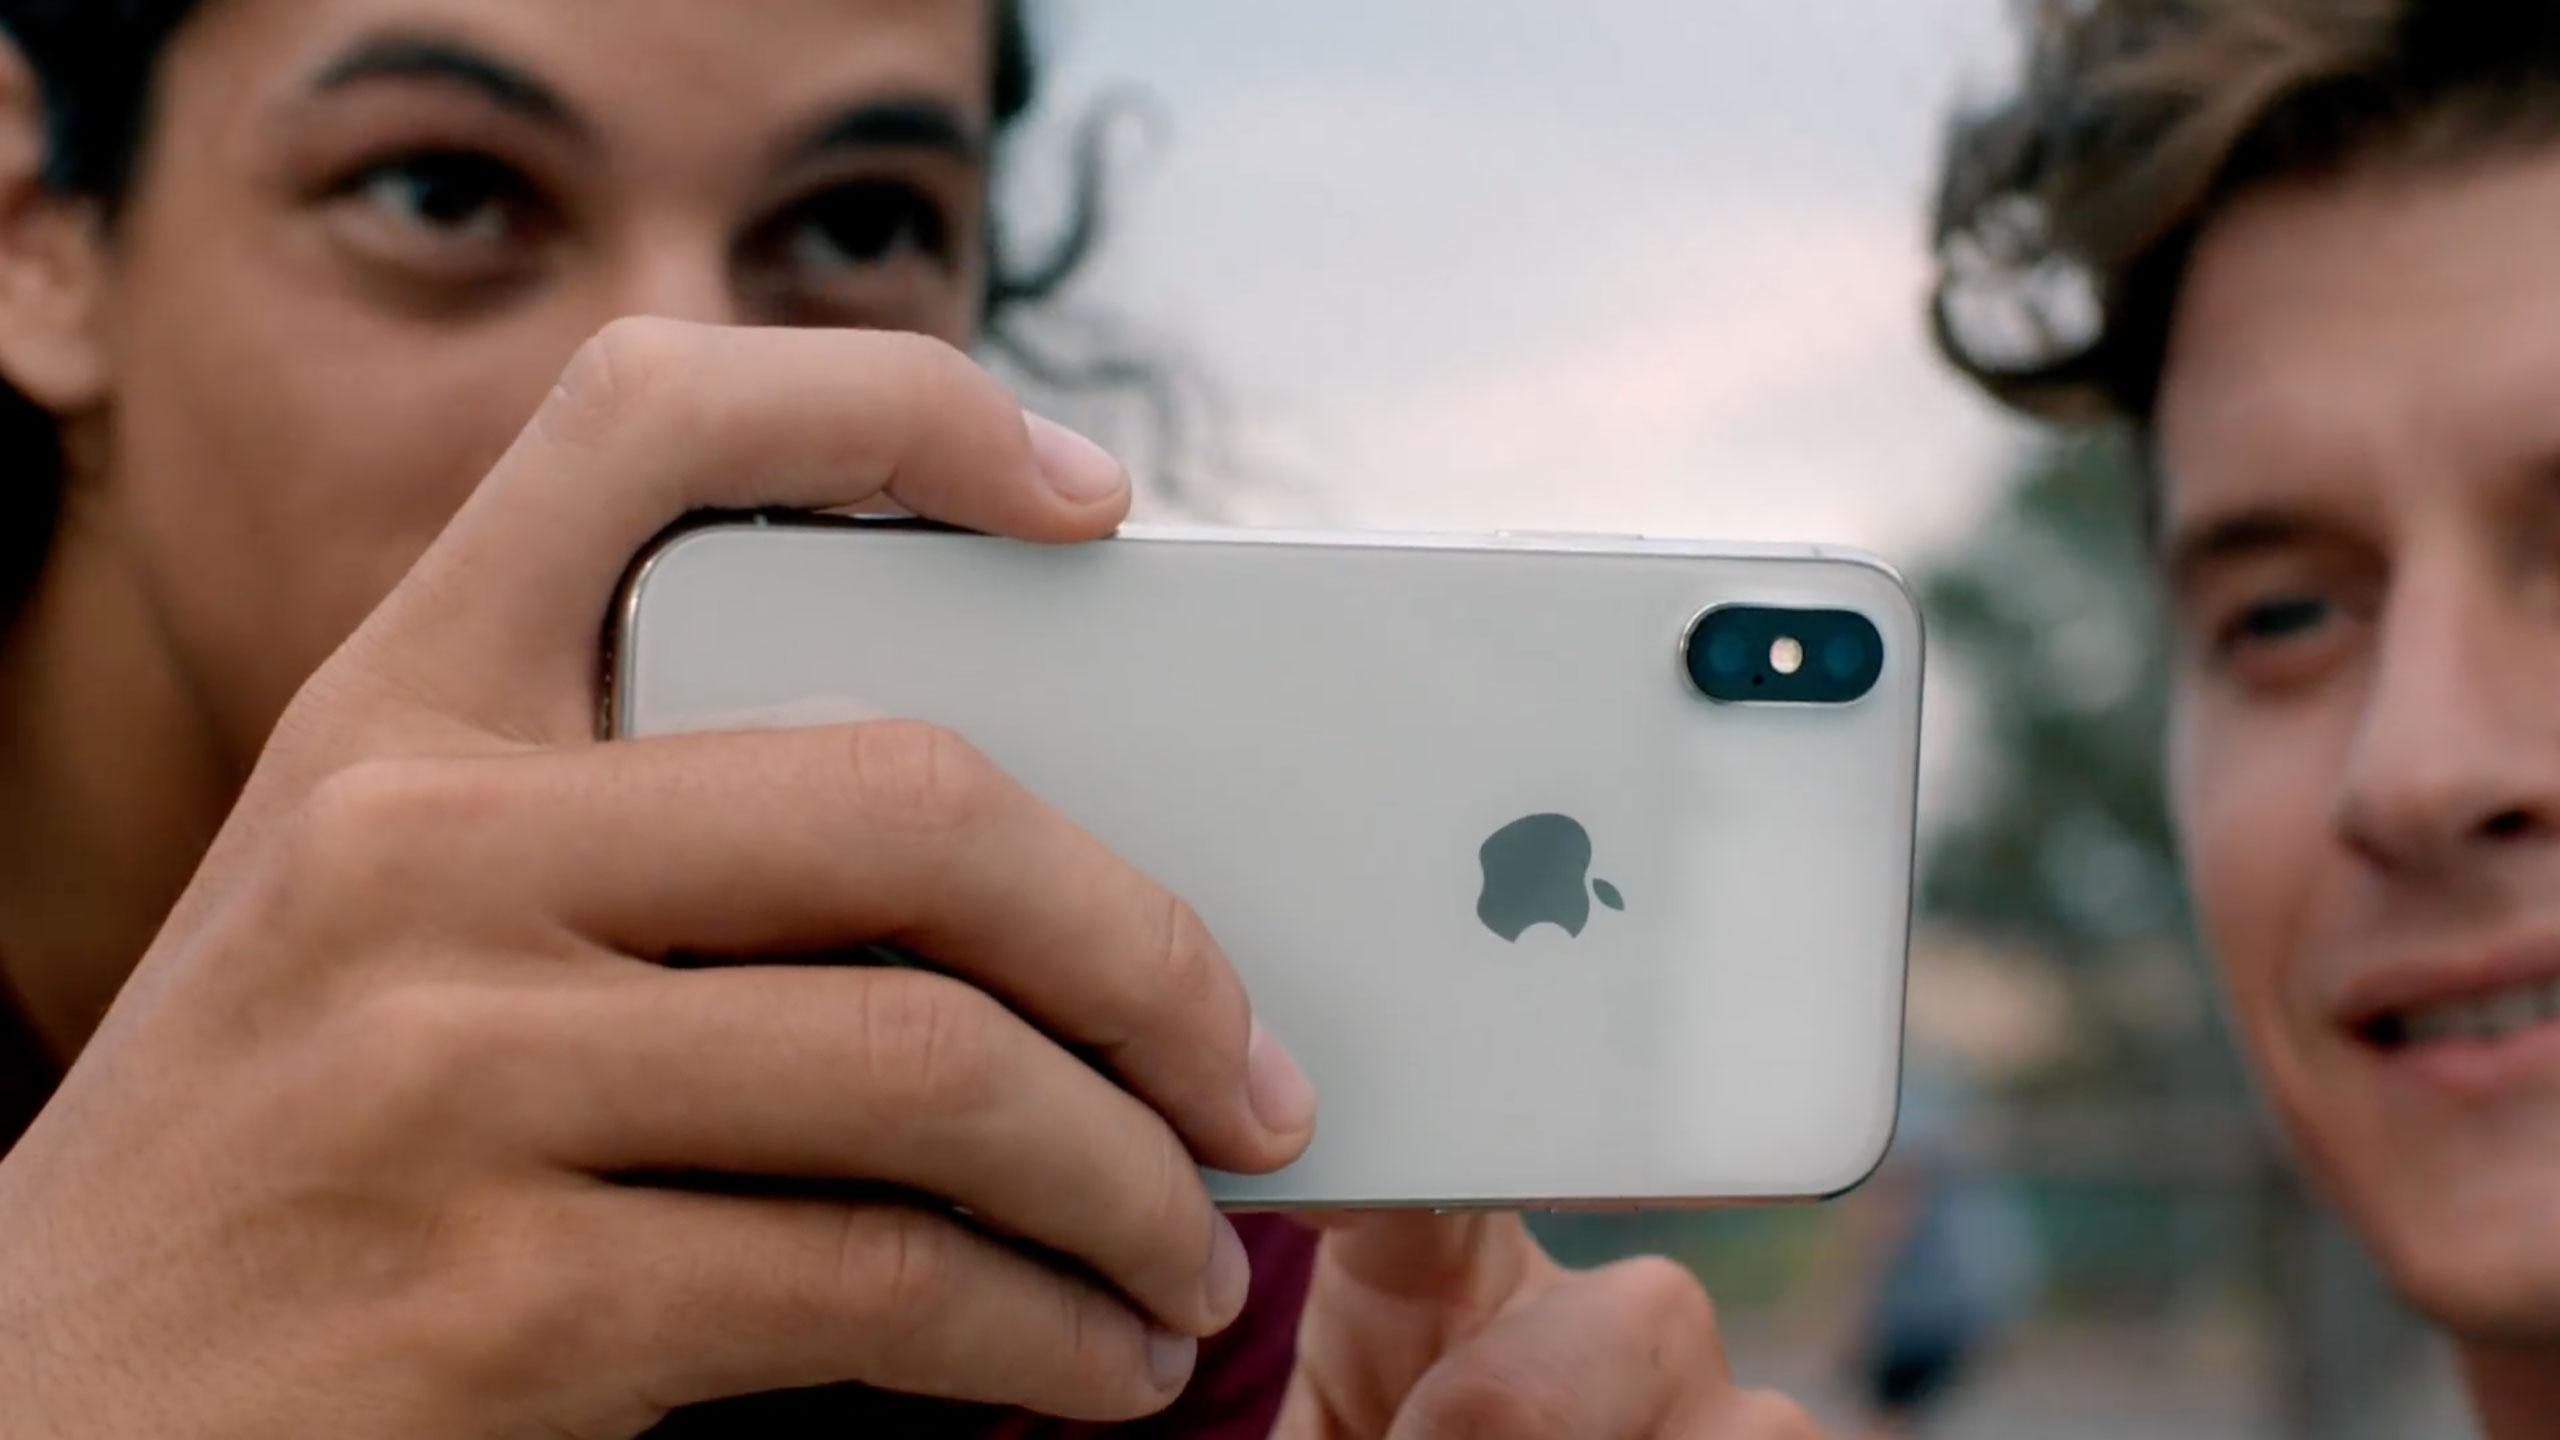 Você acabou de ganhar comprar um novo iPhone de tela inteira, sem botão  frontal  Parabéns! Para quem está vindo de outros modelos mais antigos, ... 2506603483